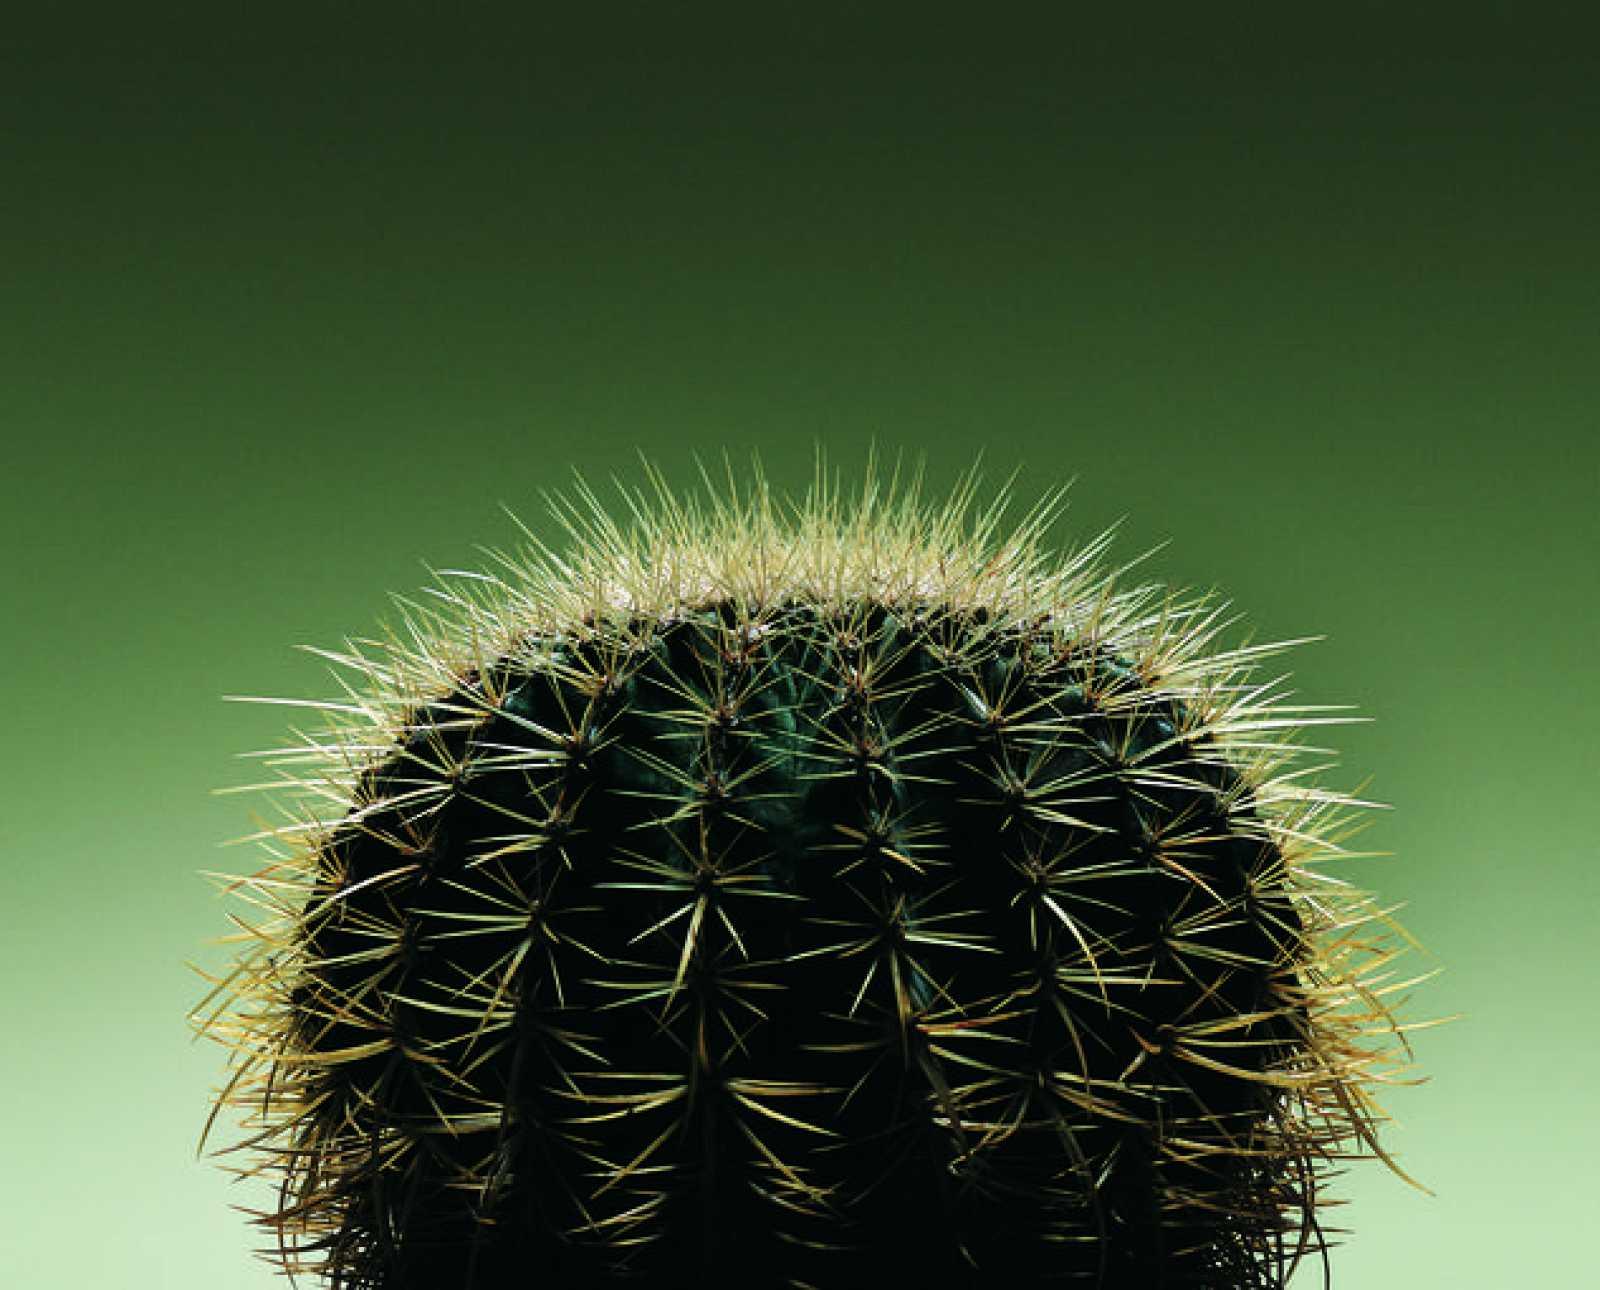 En algunas tiendas, normalmente situados al lado de la caja, hay pequeños cactus que se venden como `Cactus de ordenador¿